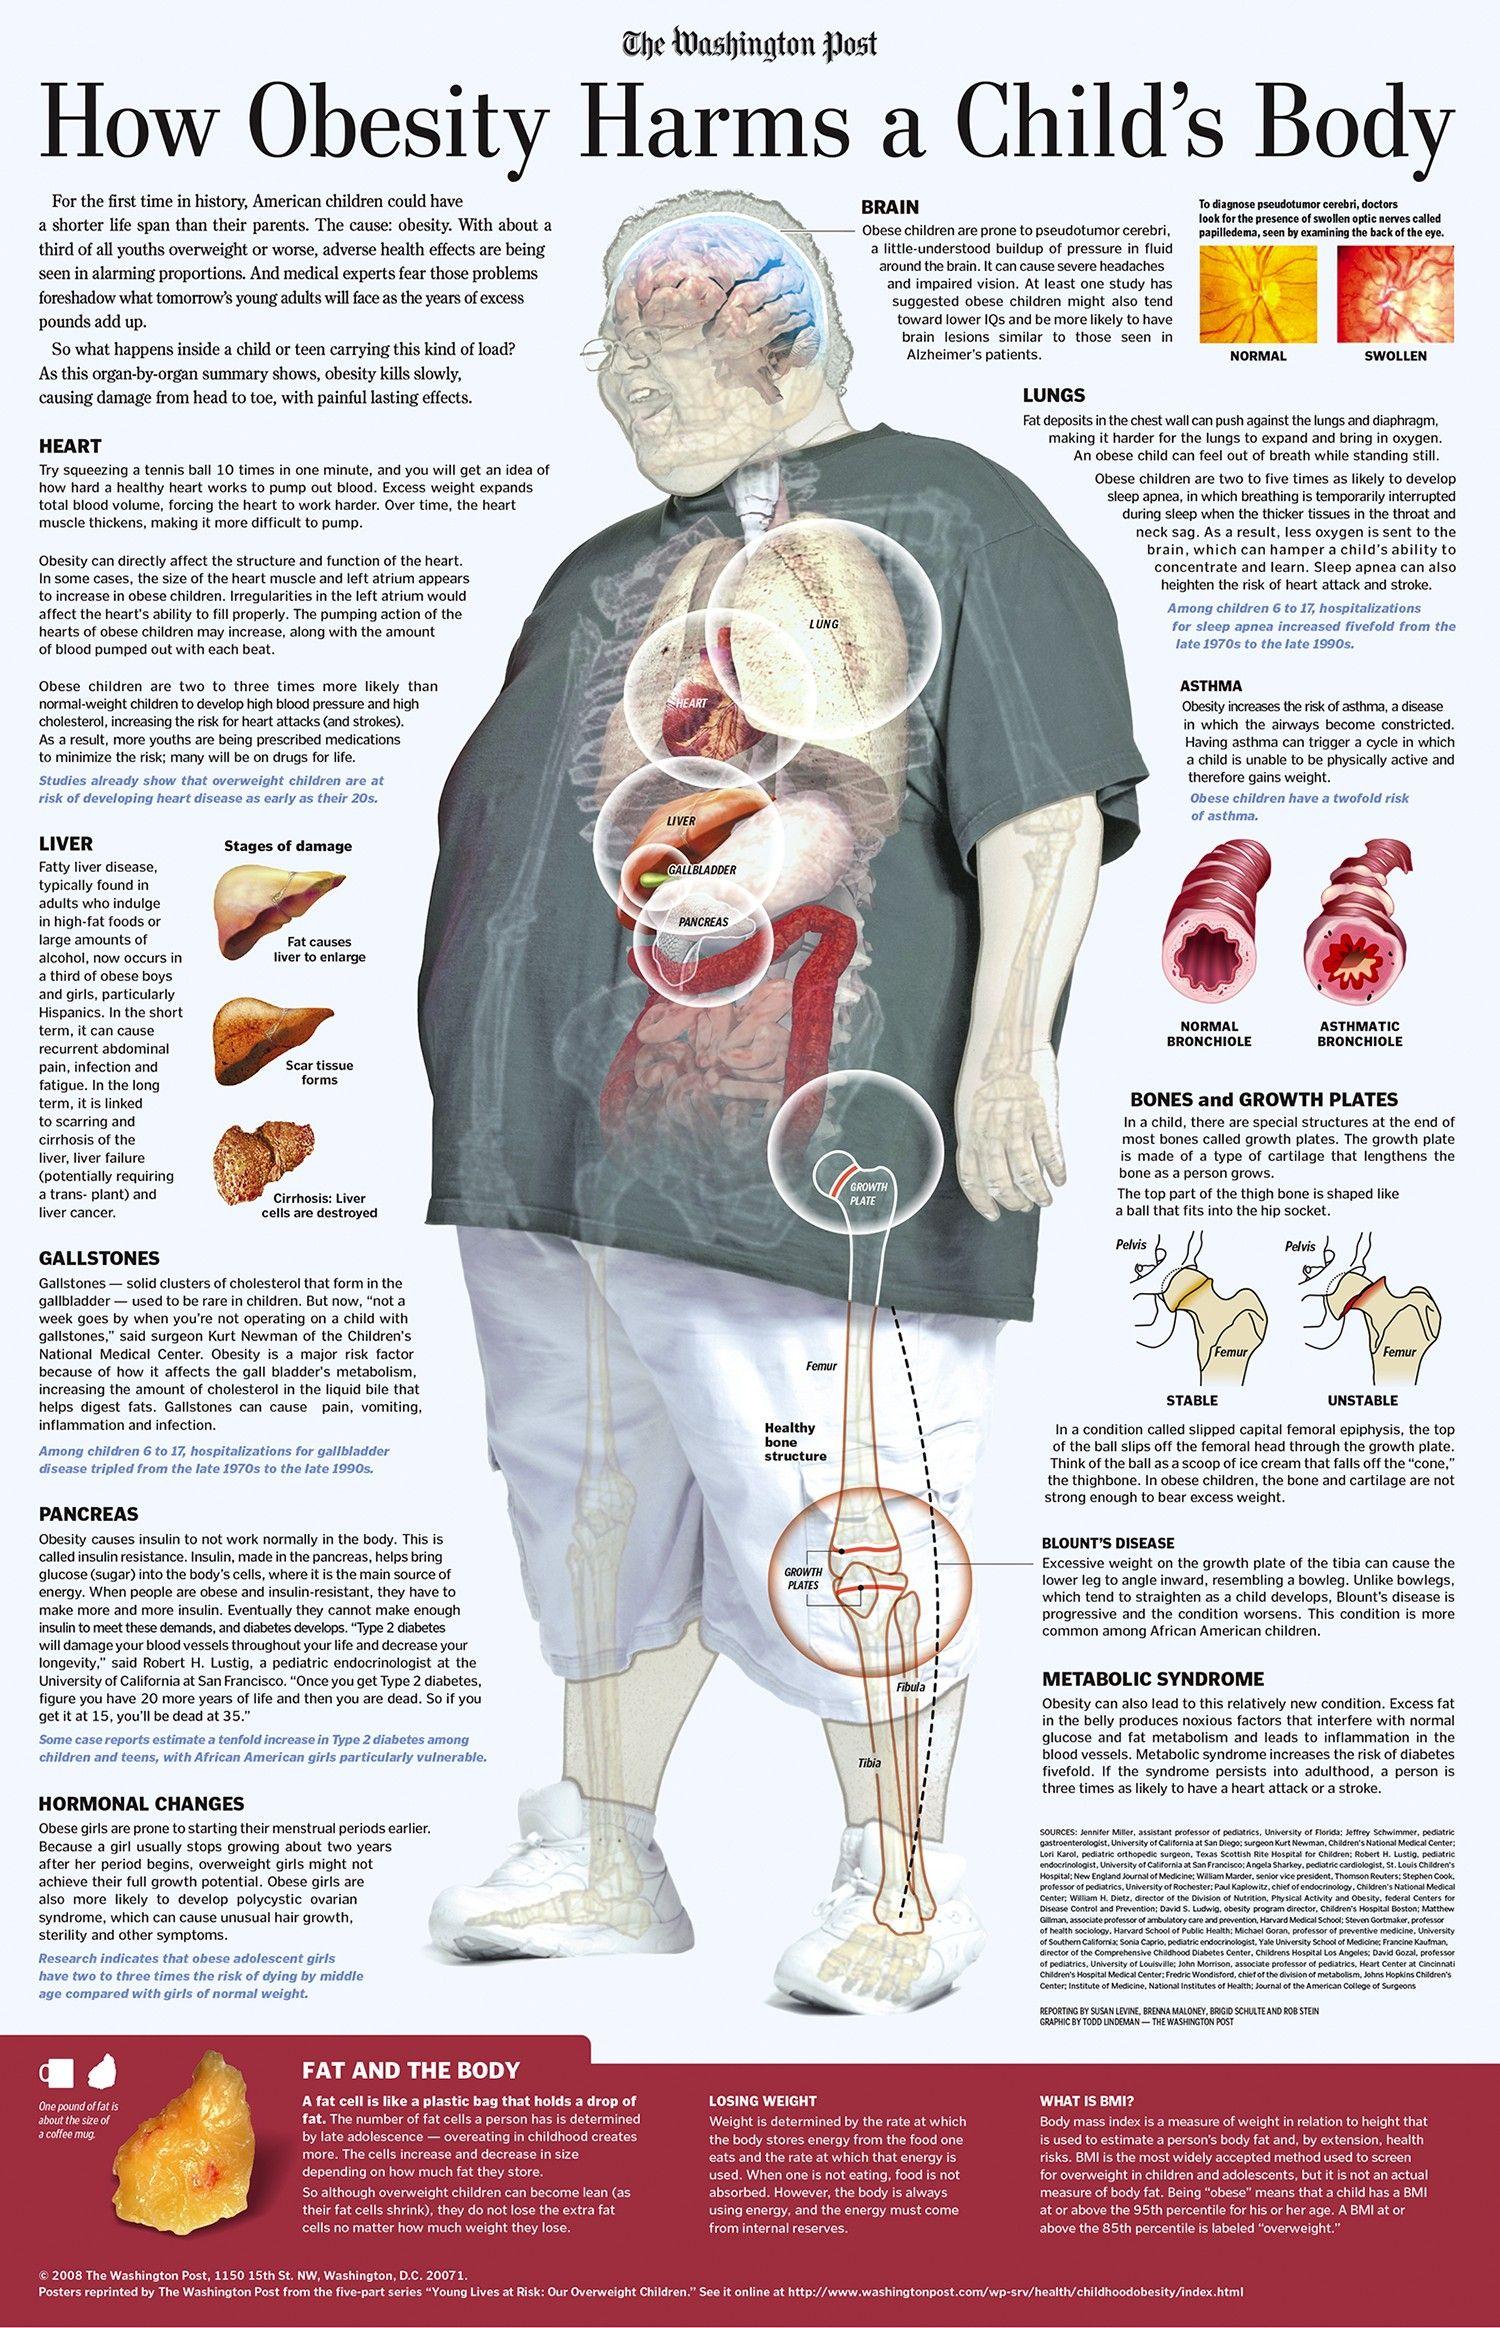 The Dangers Of Obesity In Children